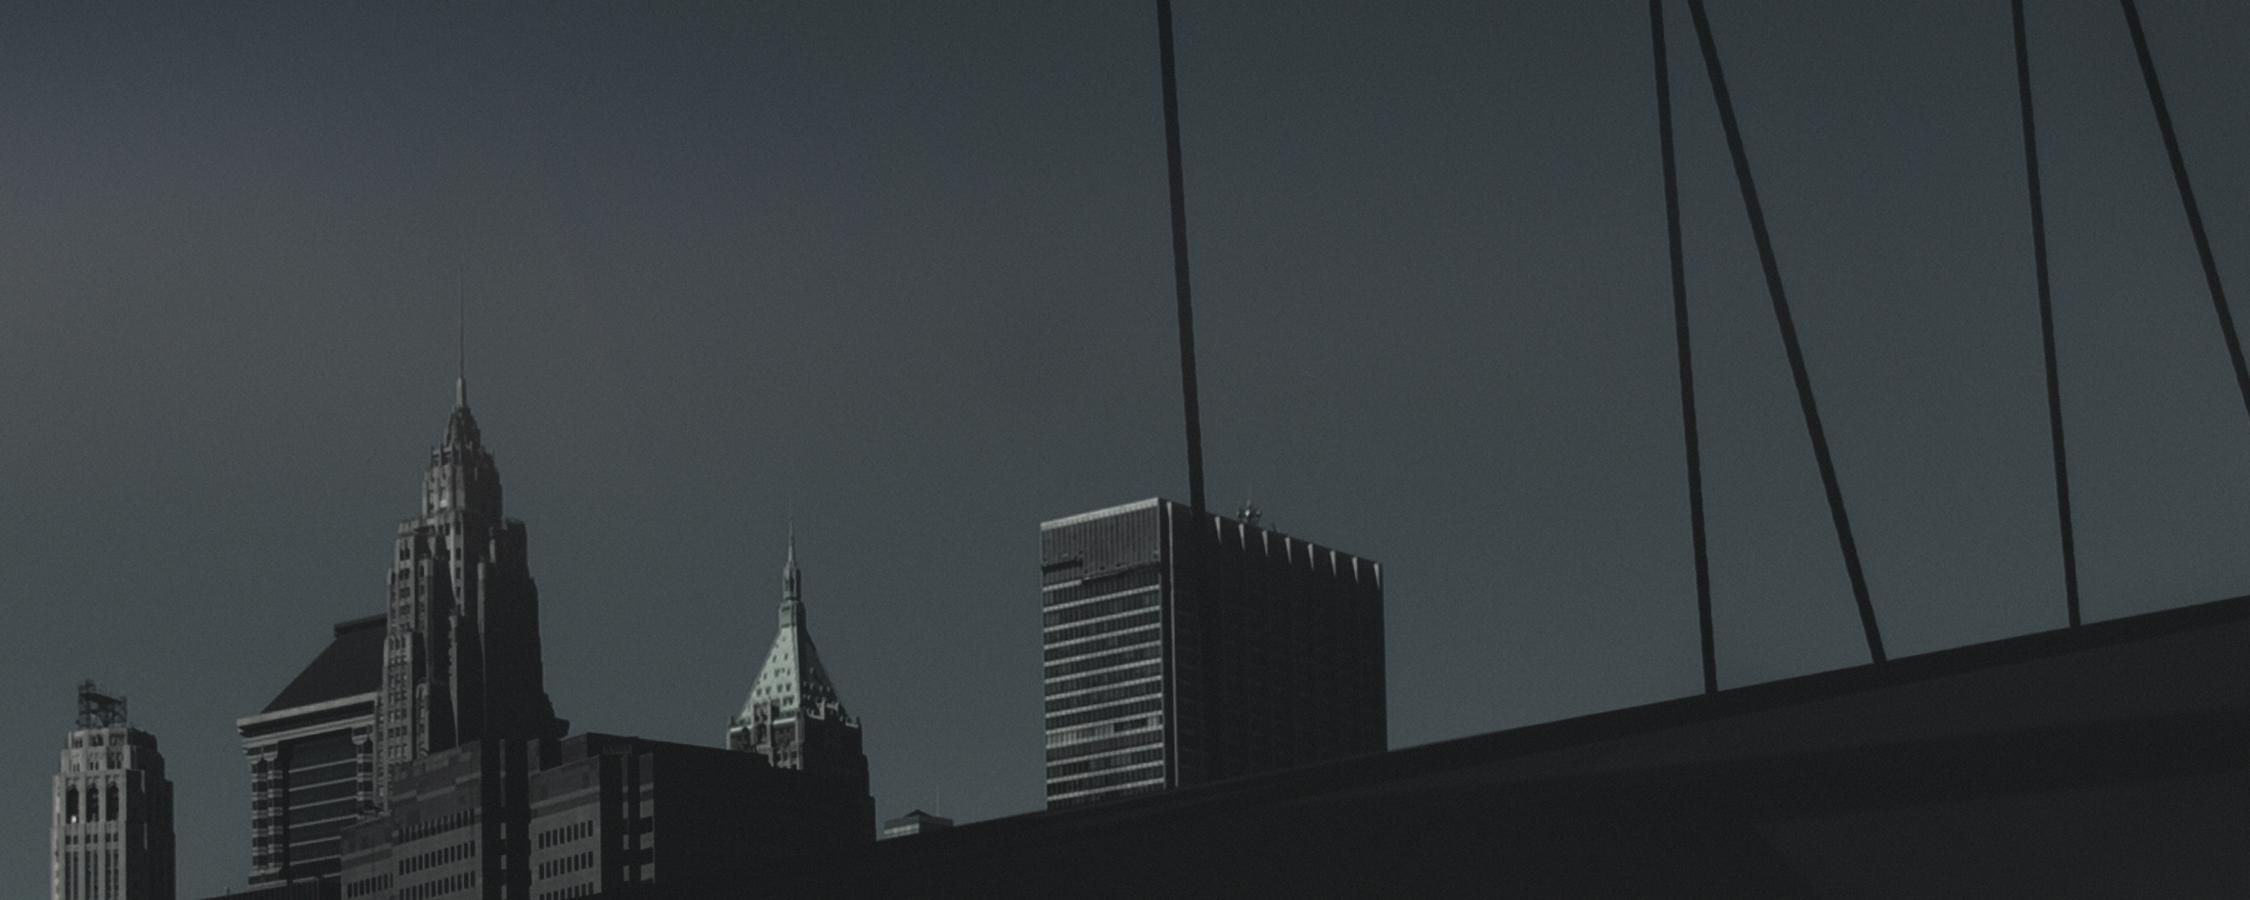 01-DT-CITY-INTRO-02.jpg